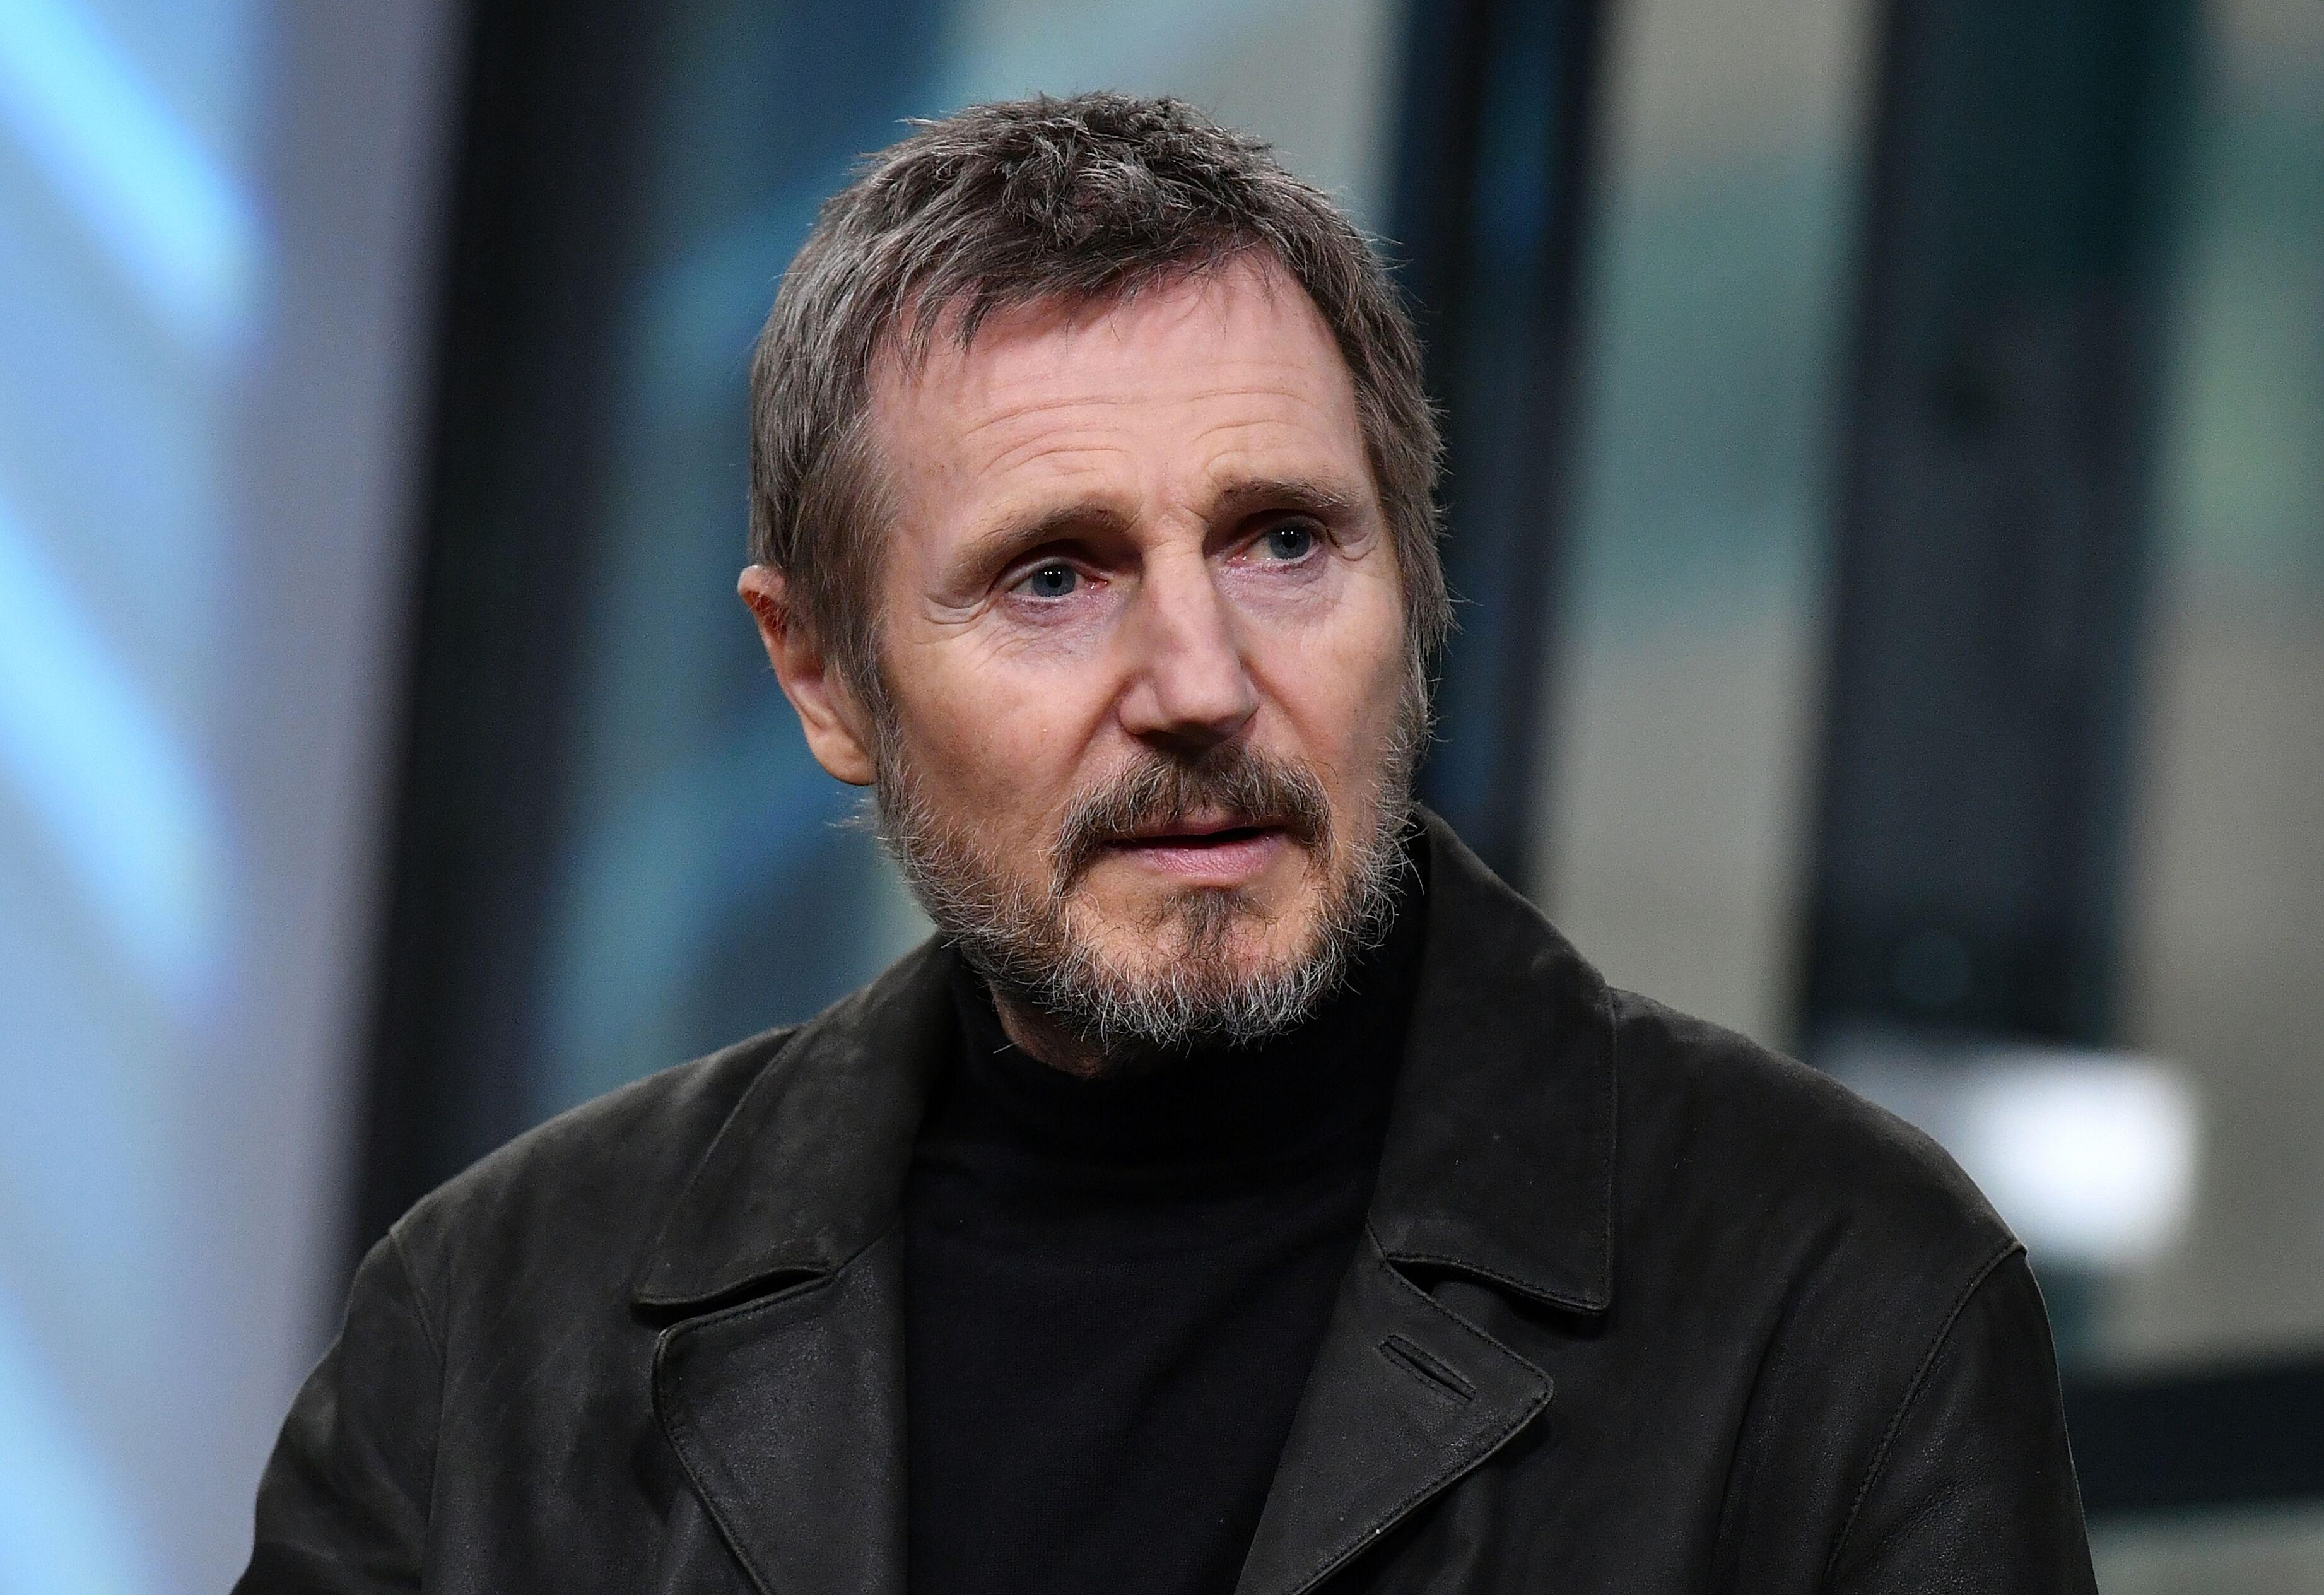 Le comédien Liam Neeson. l Source : Getty Images